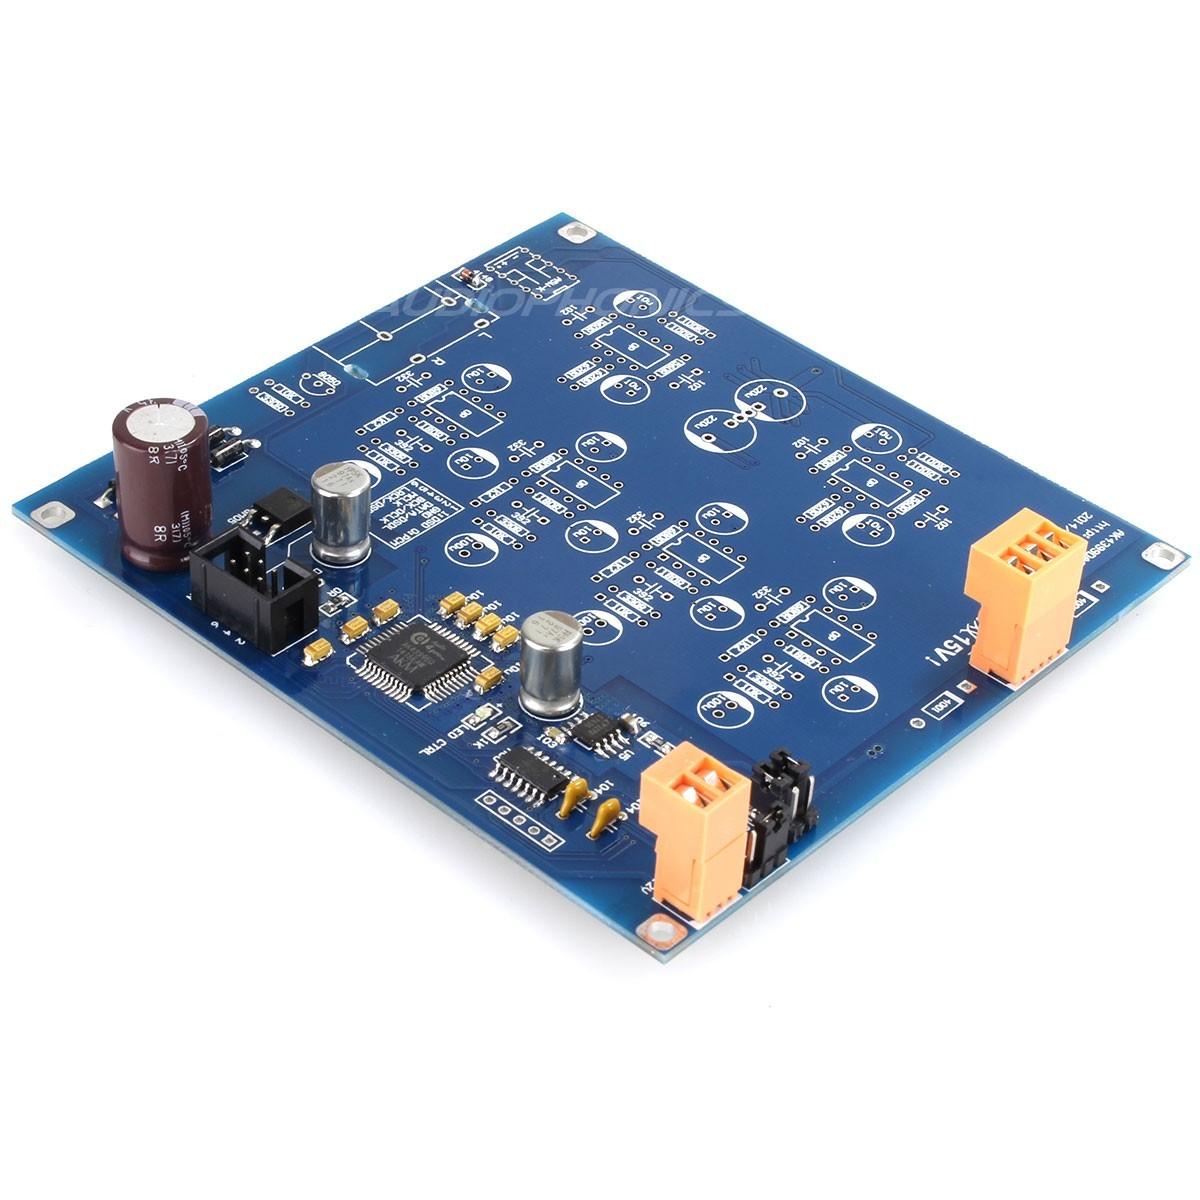 KIT DAC AK4399EQ 32bit / 192KHz à monter I2S / DSD